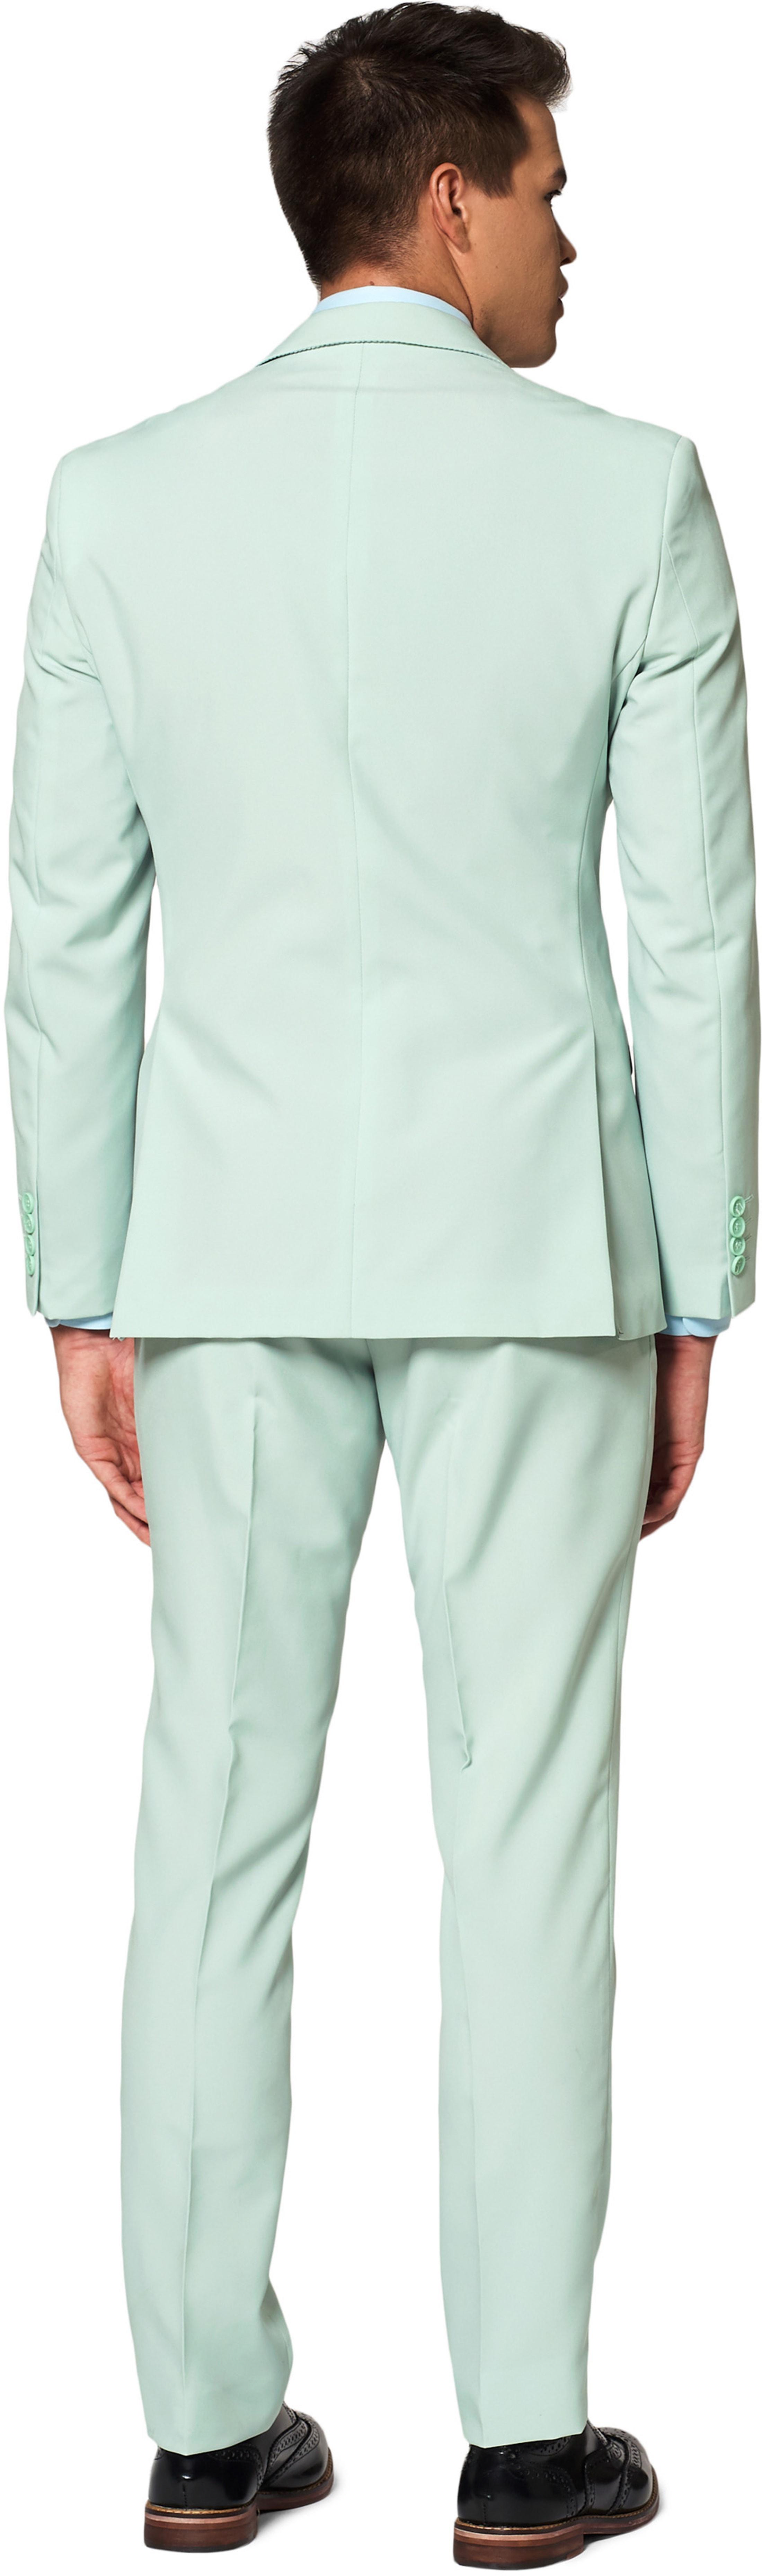 OppoSuits Magic Mint Suit foto 1